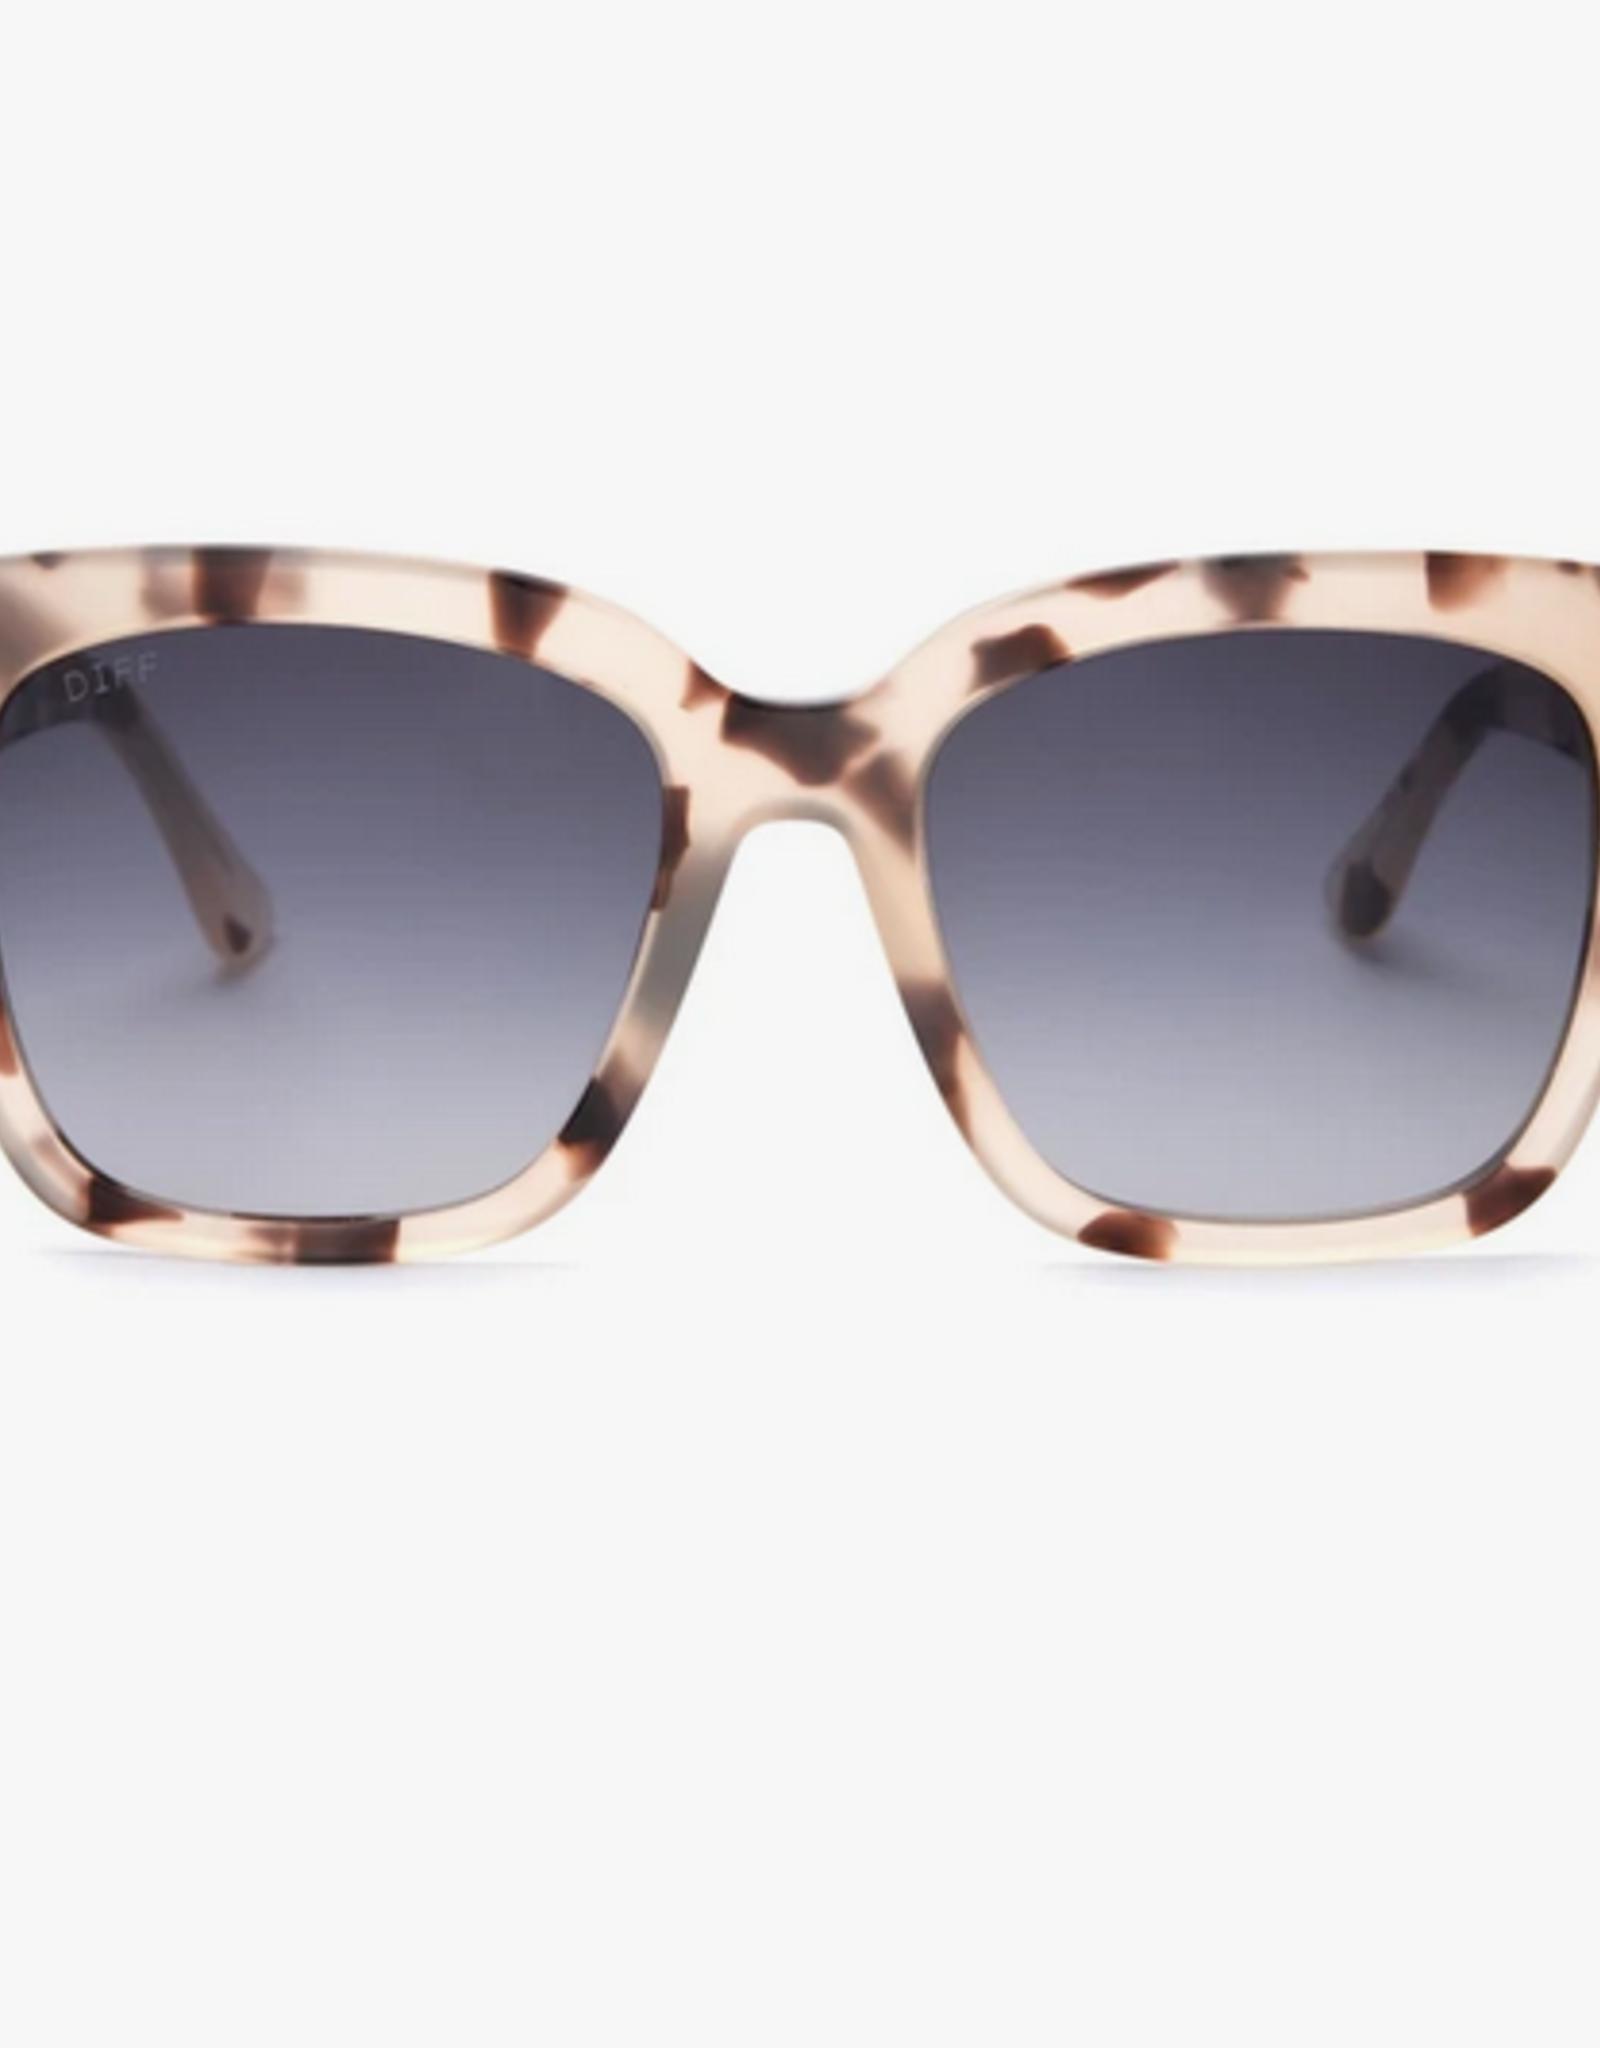 DIFF DIFF - BELLA II Sunglasses